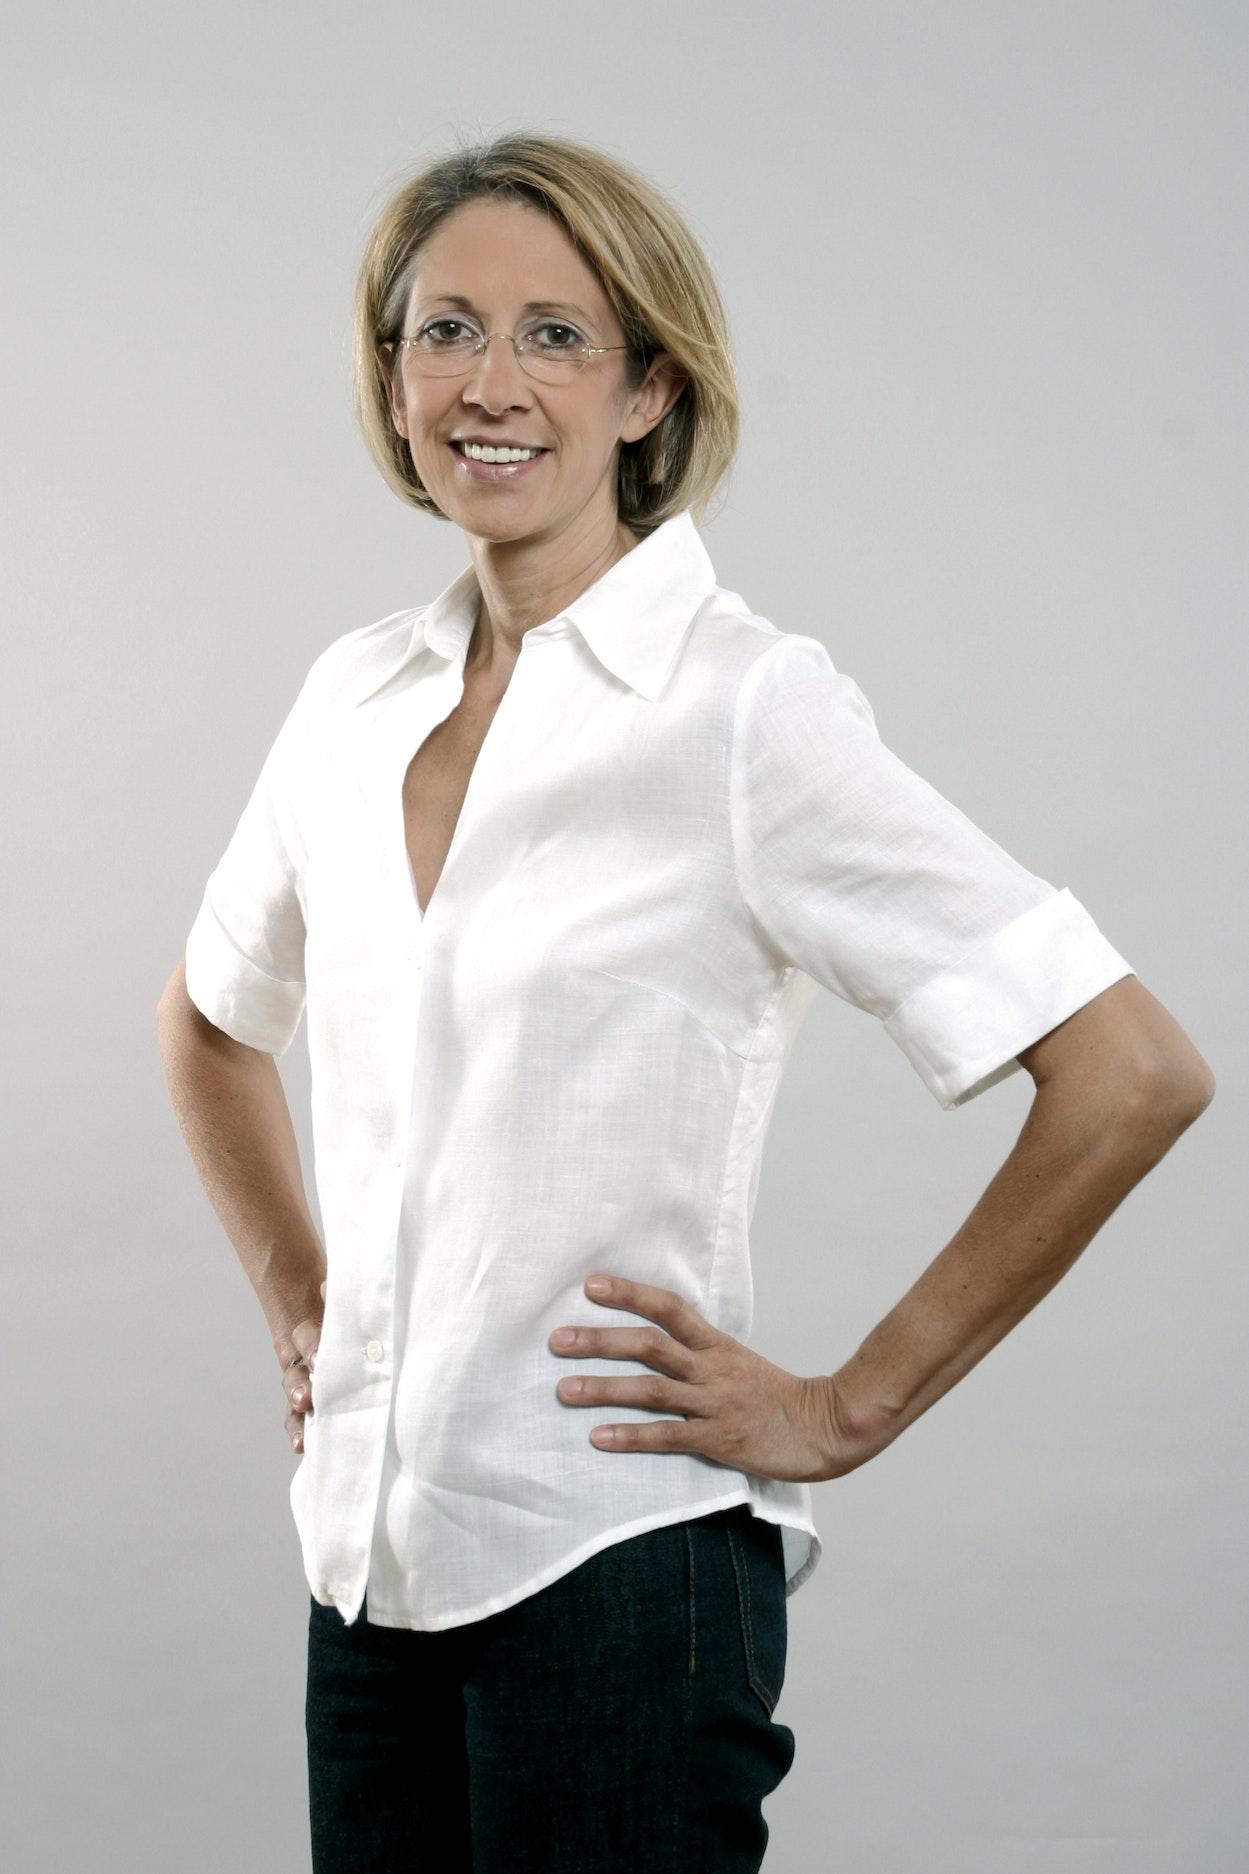 Stefani Bleil, stellvertretende Geschäftsführerin SevenOne Media Austria